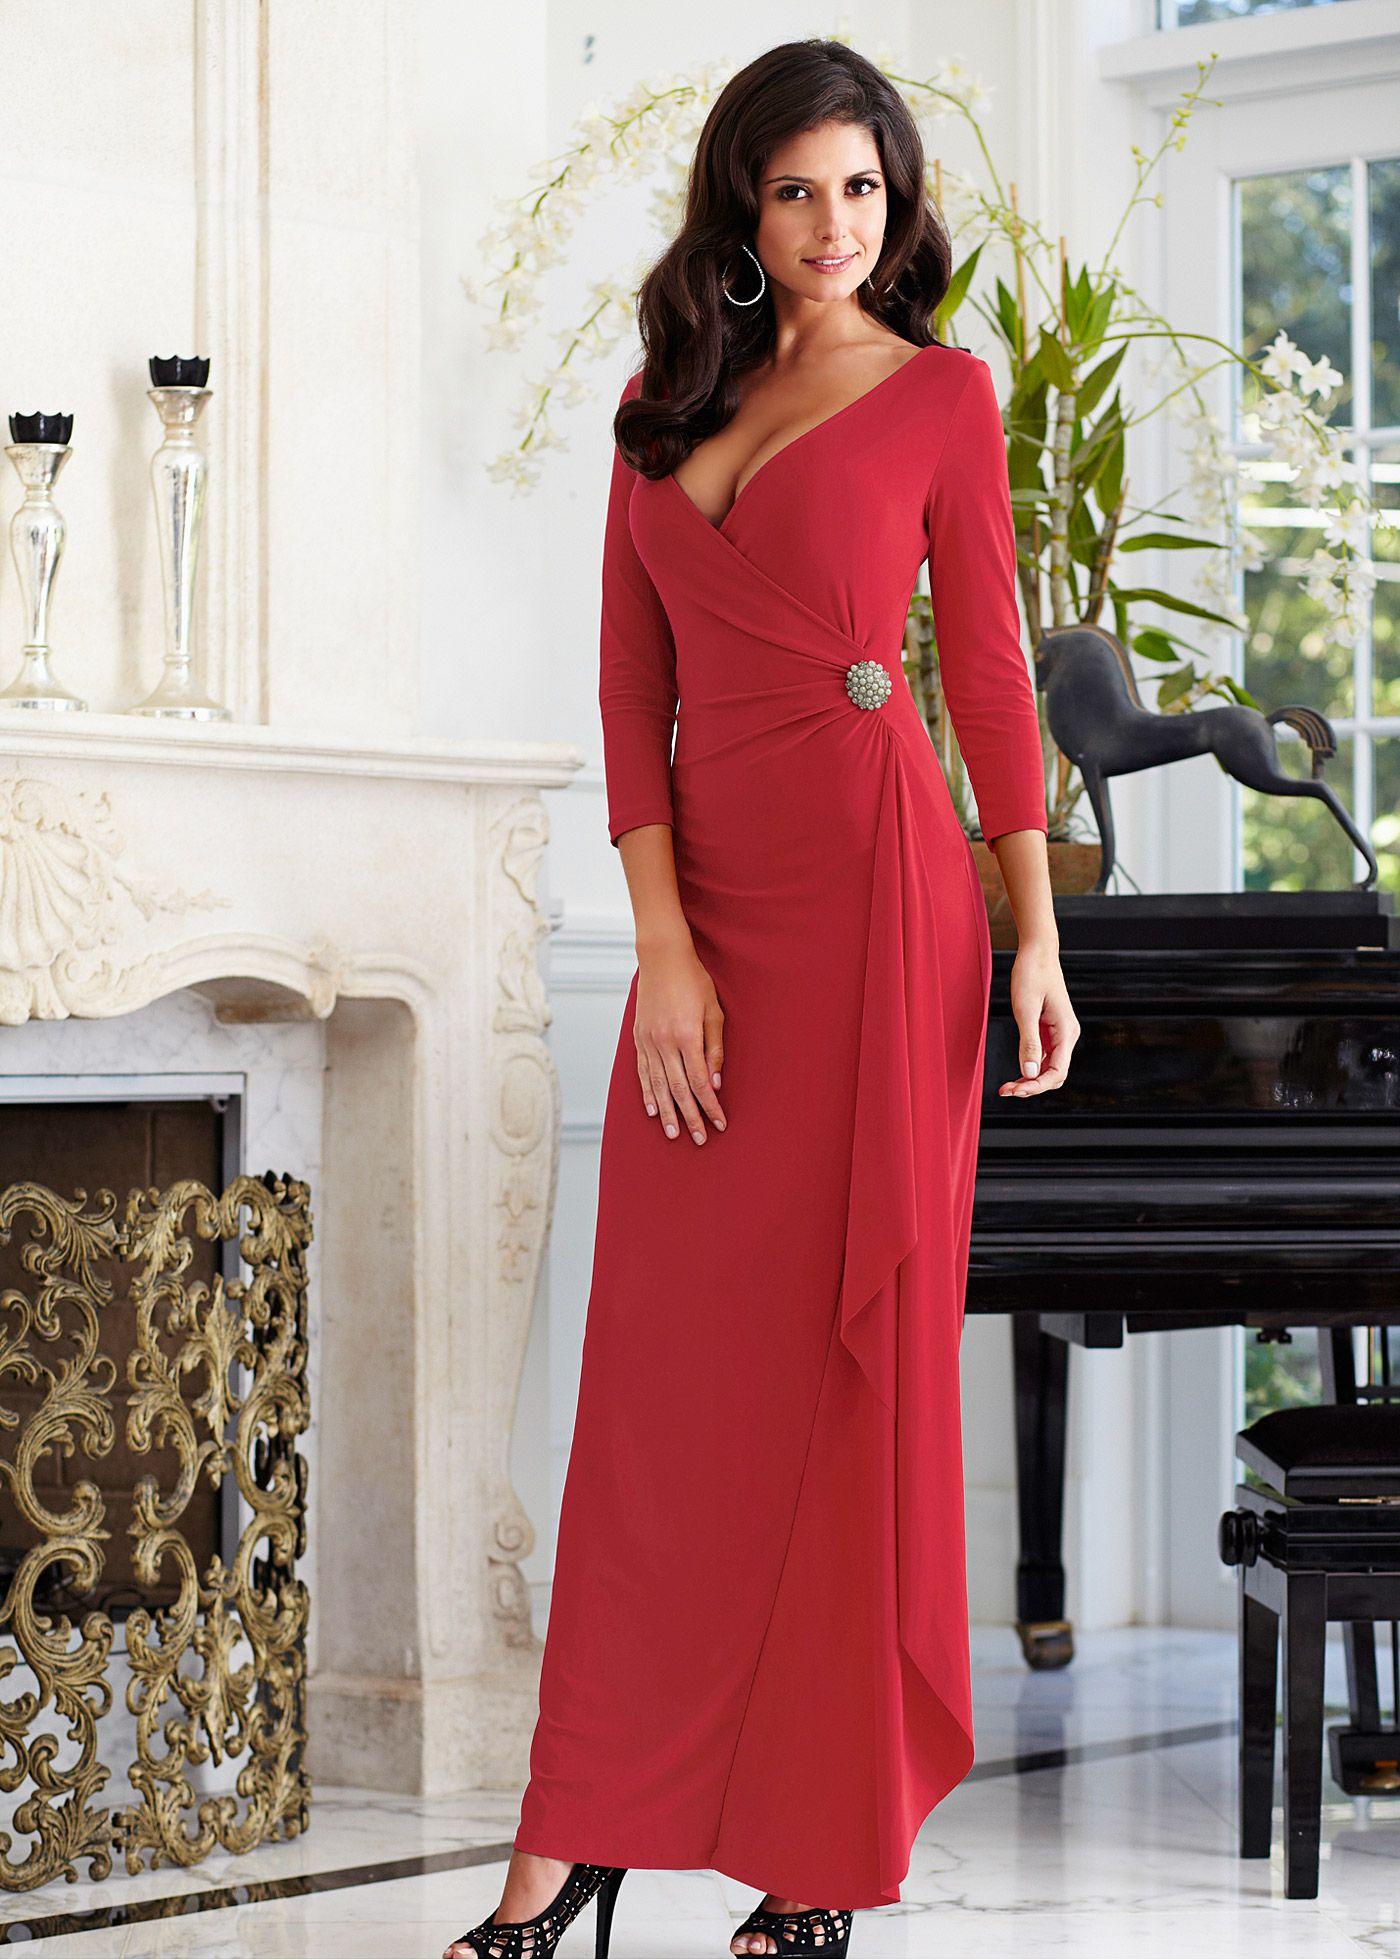 2e42cf5168 Vestido envelope longo vermelho-escuro encomendar agora na loja on-line  bonprix.de R  179